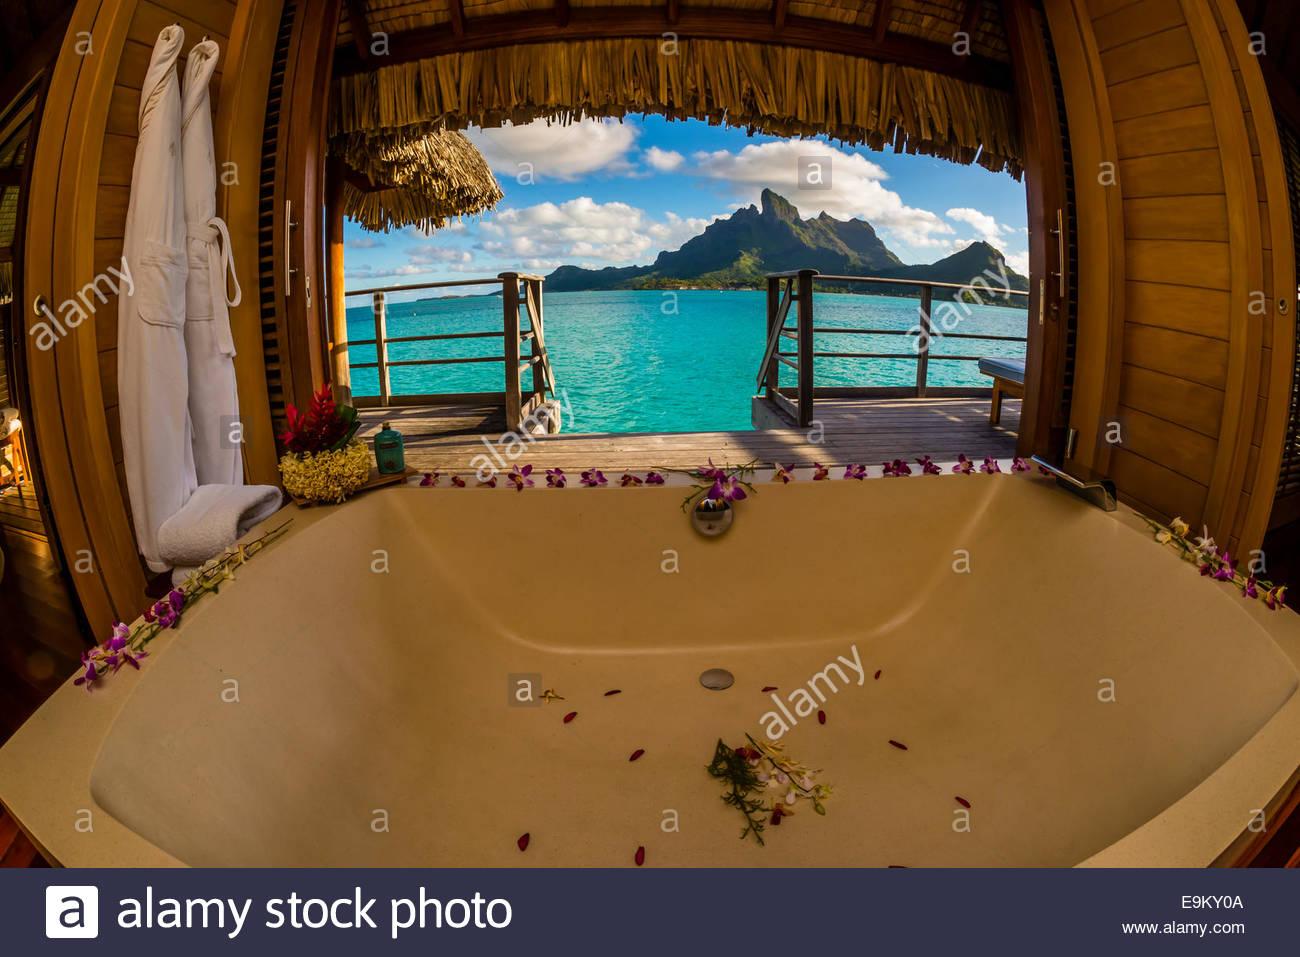 Vasca Da Bagno I Francese : Vista da una vasca da bagno in un bungalow overwater mt otemanu